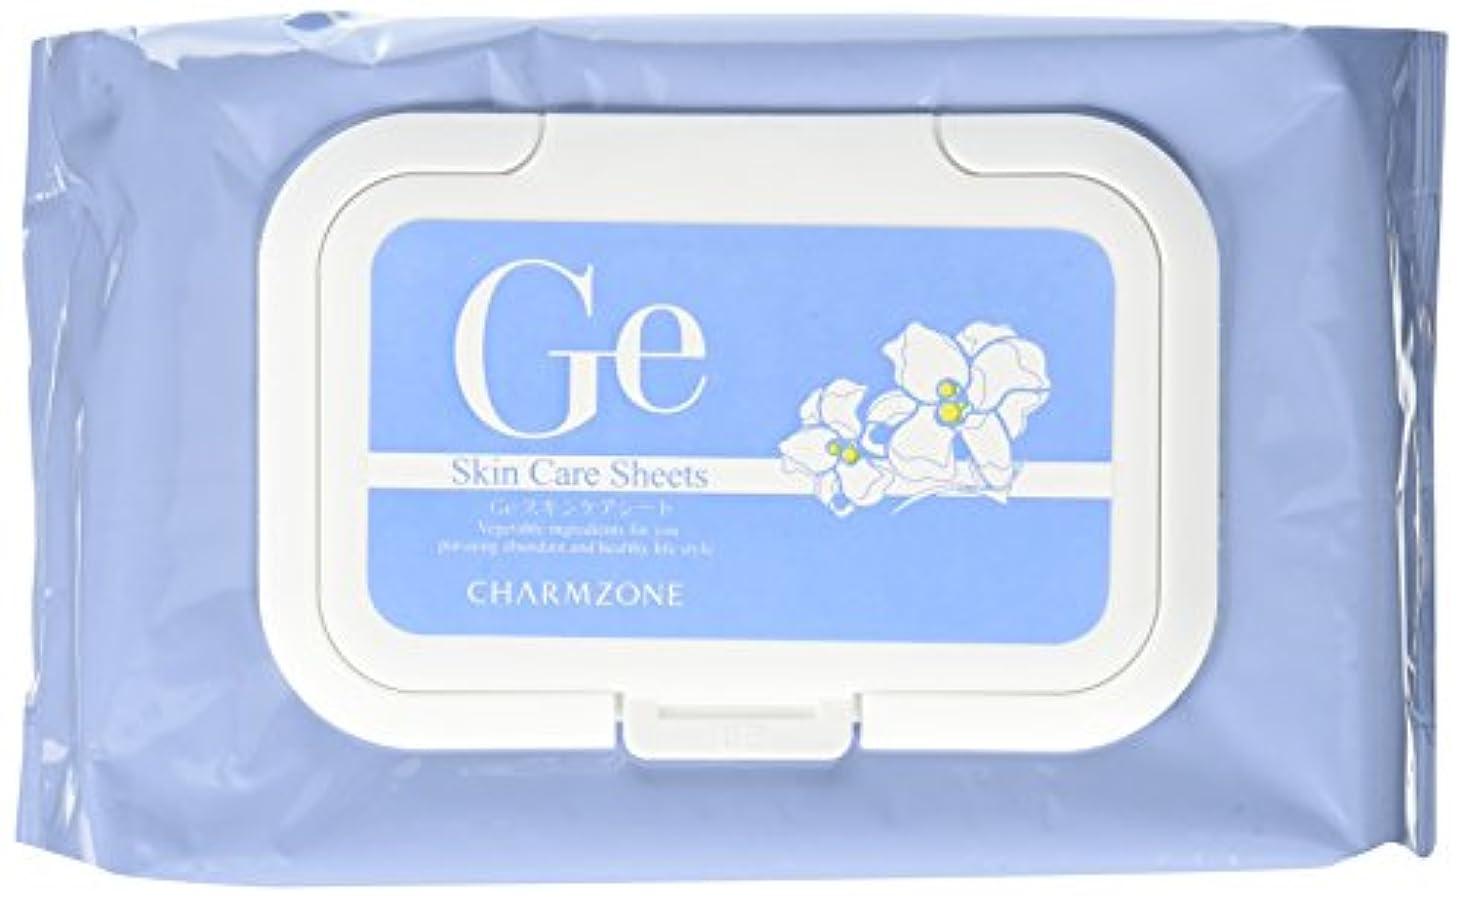 ちらつきゼロモンクチャームゾーン Geスキンケアシート 120枚(1包60枚×2個) リリー